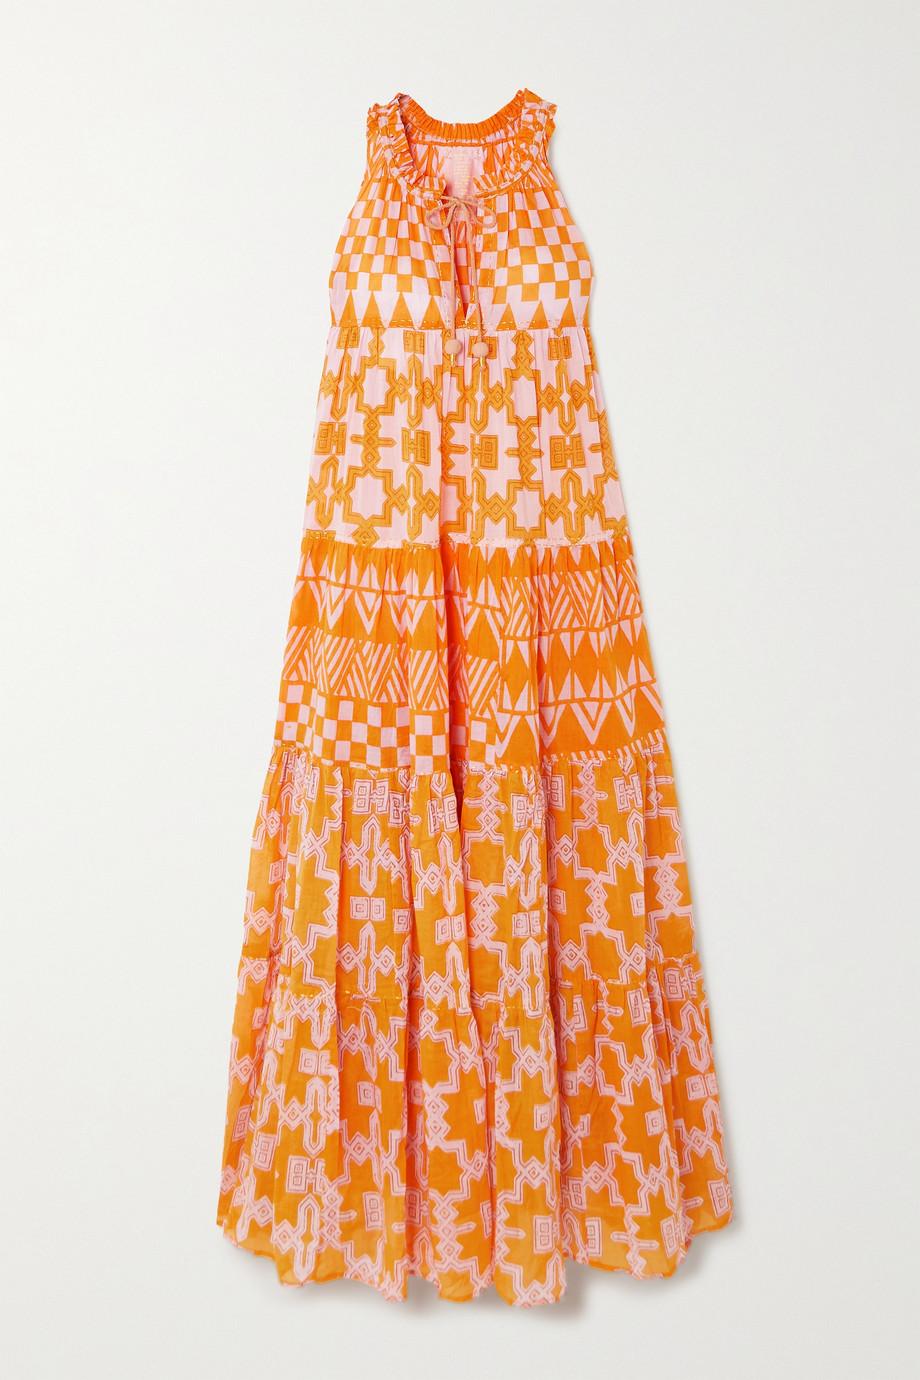 Yvonne S Hippy Maxikleid aus bedrucktem Baumwoll-Voile